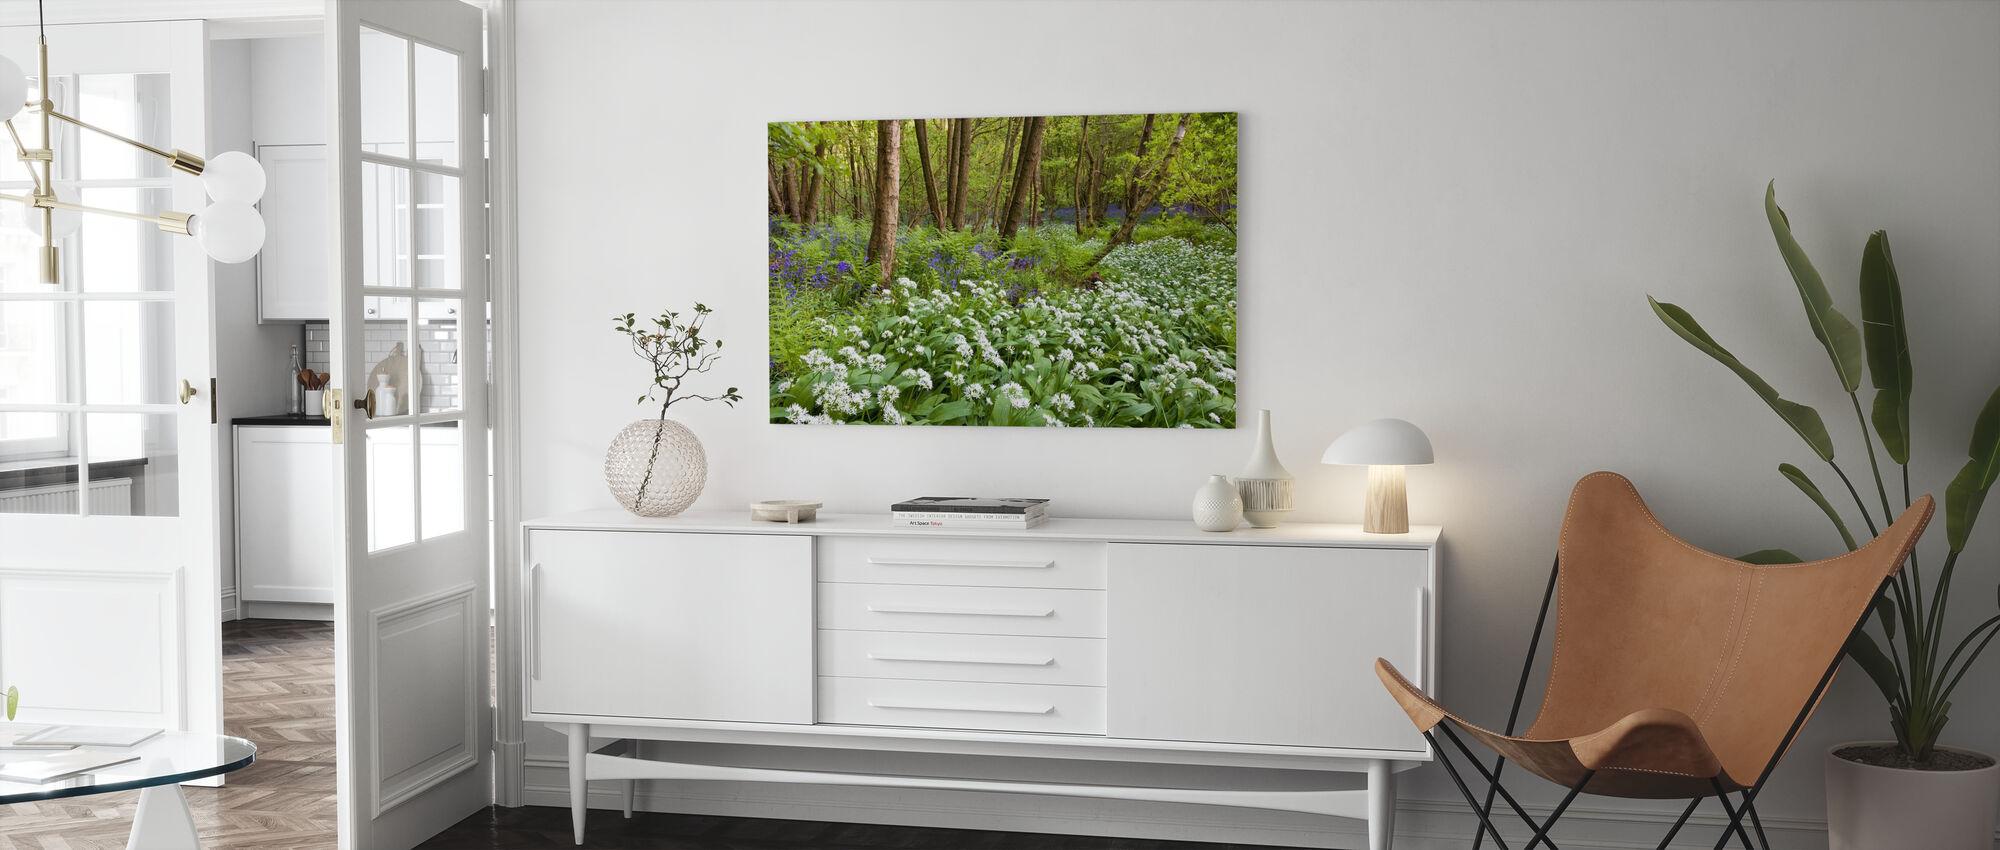 Björnvitlök och blåbells - Canvastavla - Vardagsrum